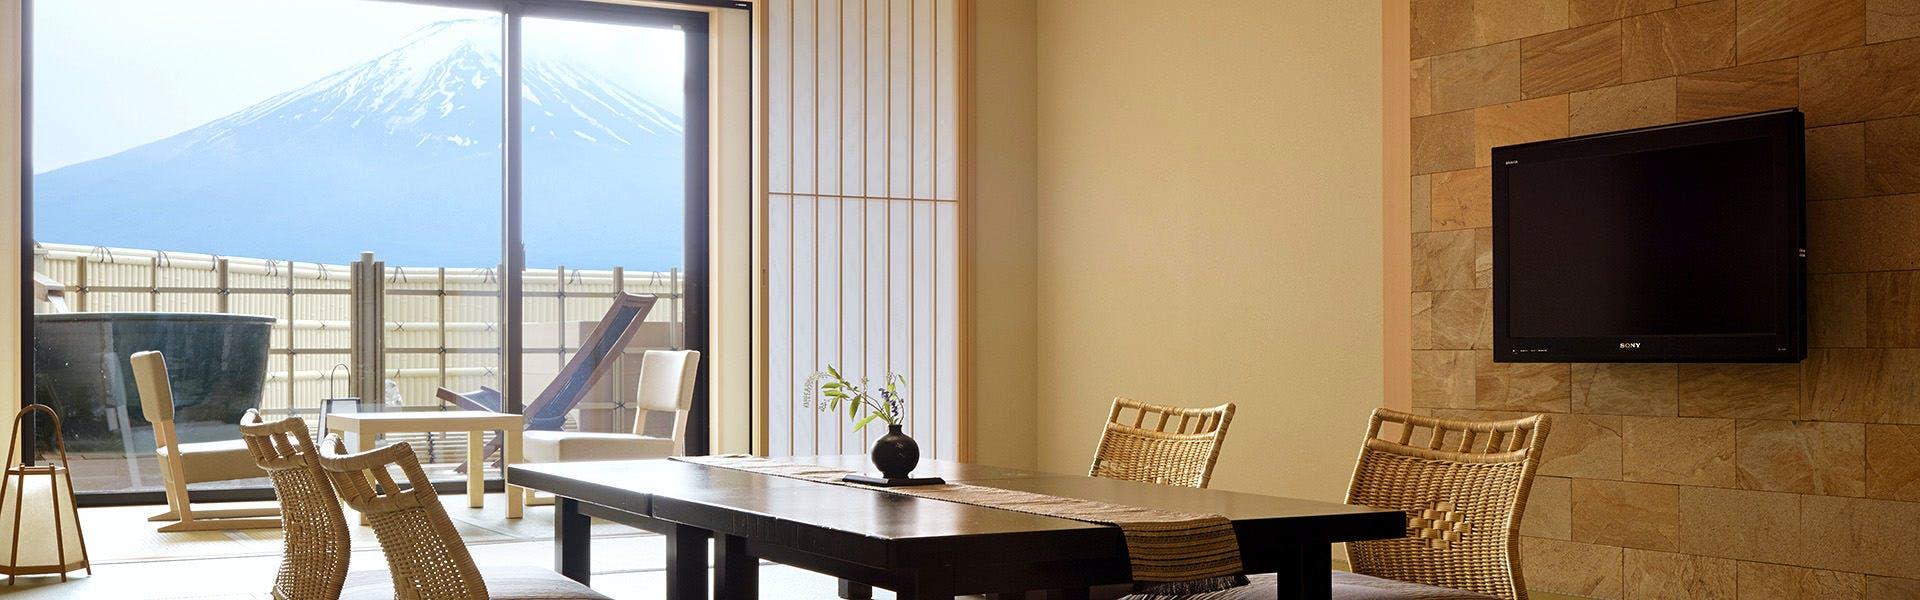 記念日におすすめのホテル・富士河口湖温泉 湖南荘の写真2